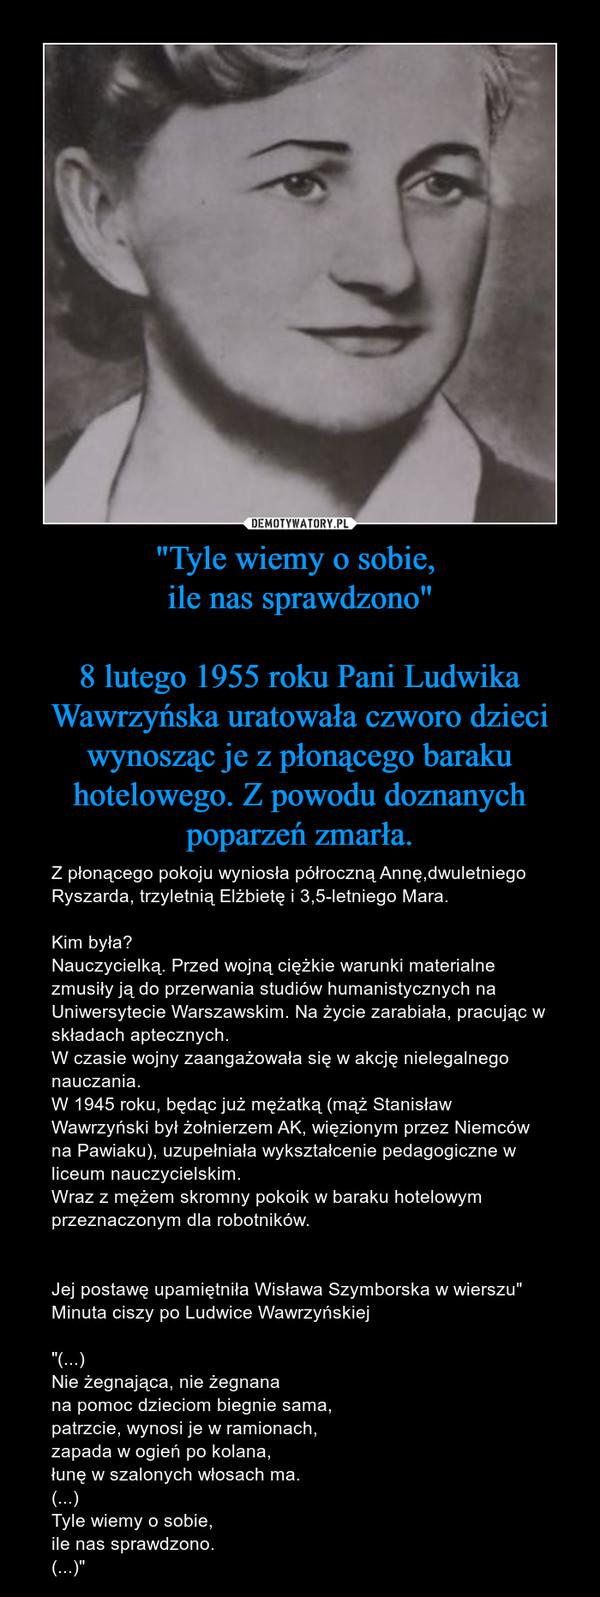 """""""Tyle wiemy o sobie, ile nas sprawdzono""""8 lutego 1955 roku Pani Ludwika Wawrzyńska uratowała czworo dzieci wynosząc je z płonącego baraku hotelowego. Z powodu doznanych poparzeń zmarła. – Z płonącego pokoju wyniosła półroczną Annę,dwuletniego Ryszarda, trzyletnią Elżbietę i 3,5-letniego Mara.Kim była?Nauczycielką. Przed wojną ciężkie warunki materialne zmusiły ją do przerwania studiów humanistycznych na Uniwersytecie Warszawskim. Na życie zarabiała, pracując w składach aptecznych.W czasie wojny zaangażowała się w akcję nielegalnego nauczania.W 1945 roku, będąc już mężatką (mąż Stanisław Wawrzyński był żołnierzem AK, więzionym przez Niemców na Pawiaku), uzupełniała wykształcenie pedagogiczne w liceum nauczycielskim.Wraz z mężem skromny pokoik w baraku hotelowym przeznaczonym dla robotników.Jej postawę upamiętniła Wisława Szymborska w wierszu"""" Minuta ciszy po Ludwice Wawrzyńskiej""""(...)Nie żegnająca, nie żegnana na pomoc dzieciom biegnie sama, patrzcie, wynosi je w ramionach, zapada w ogień po kolana, łunę w szalonych włosach ma. (...)Tyle wiemy o sobie, ile nas sprawdzono. (...)"""""""